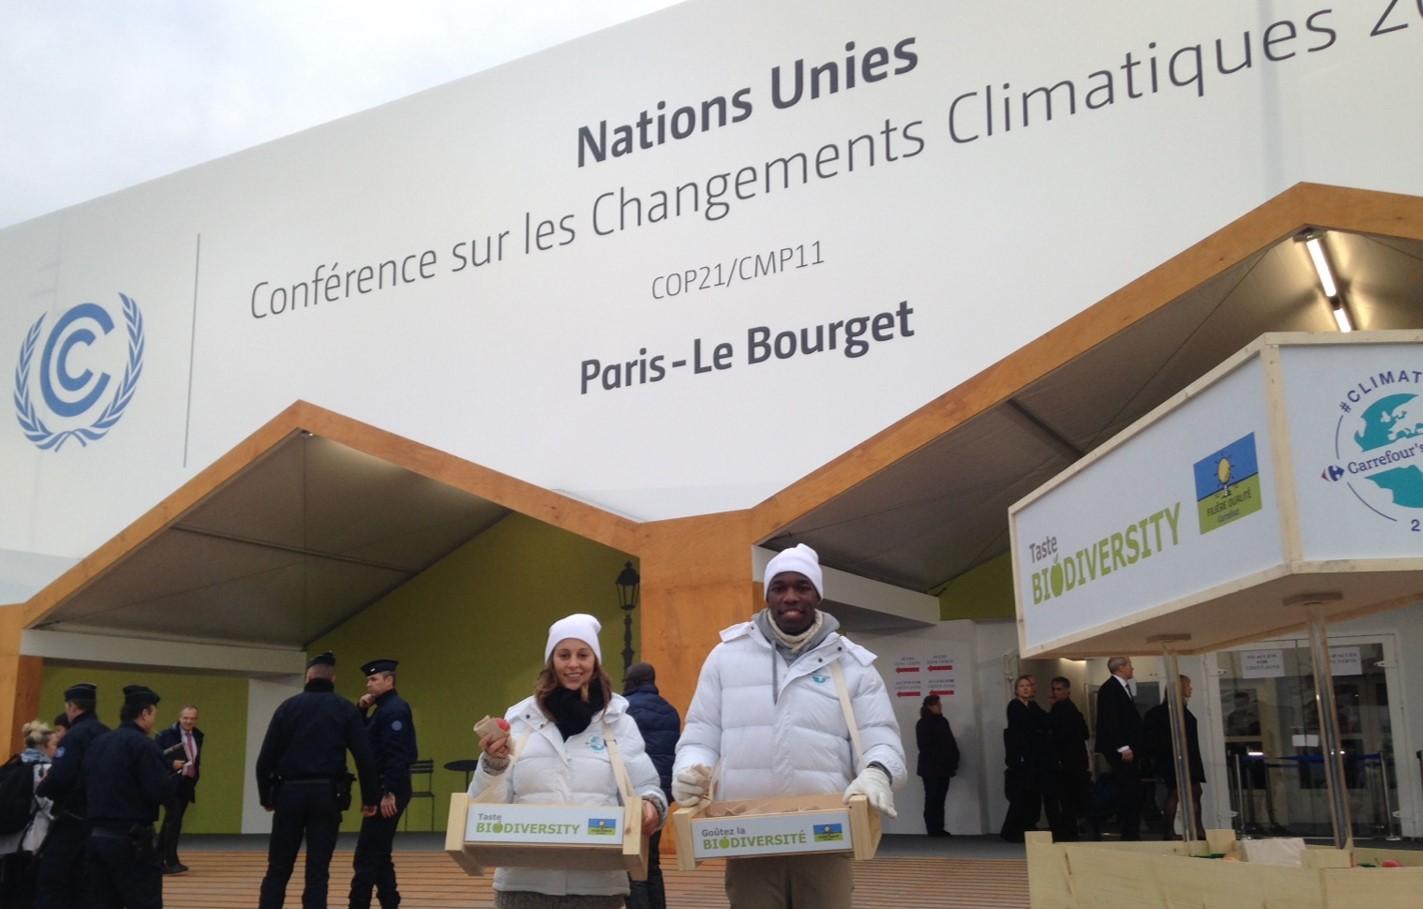 Les pommes filière qualité Carrefour à la COP21